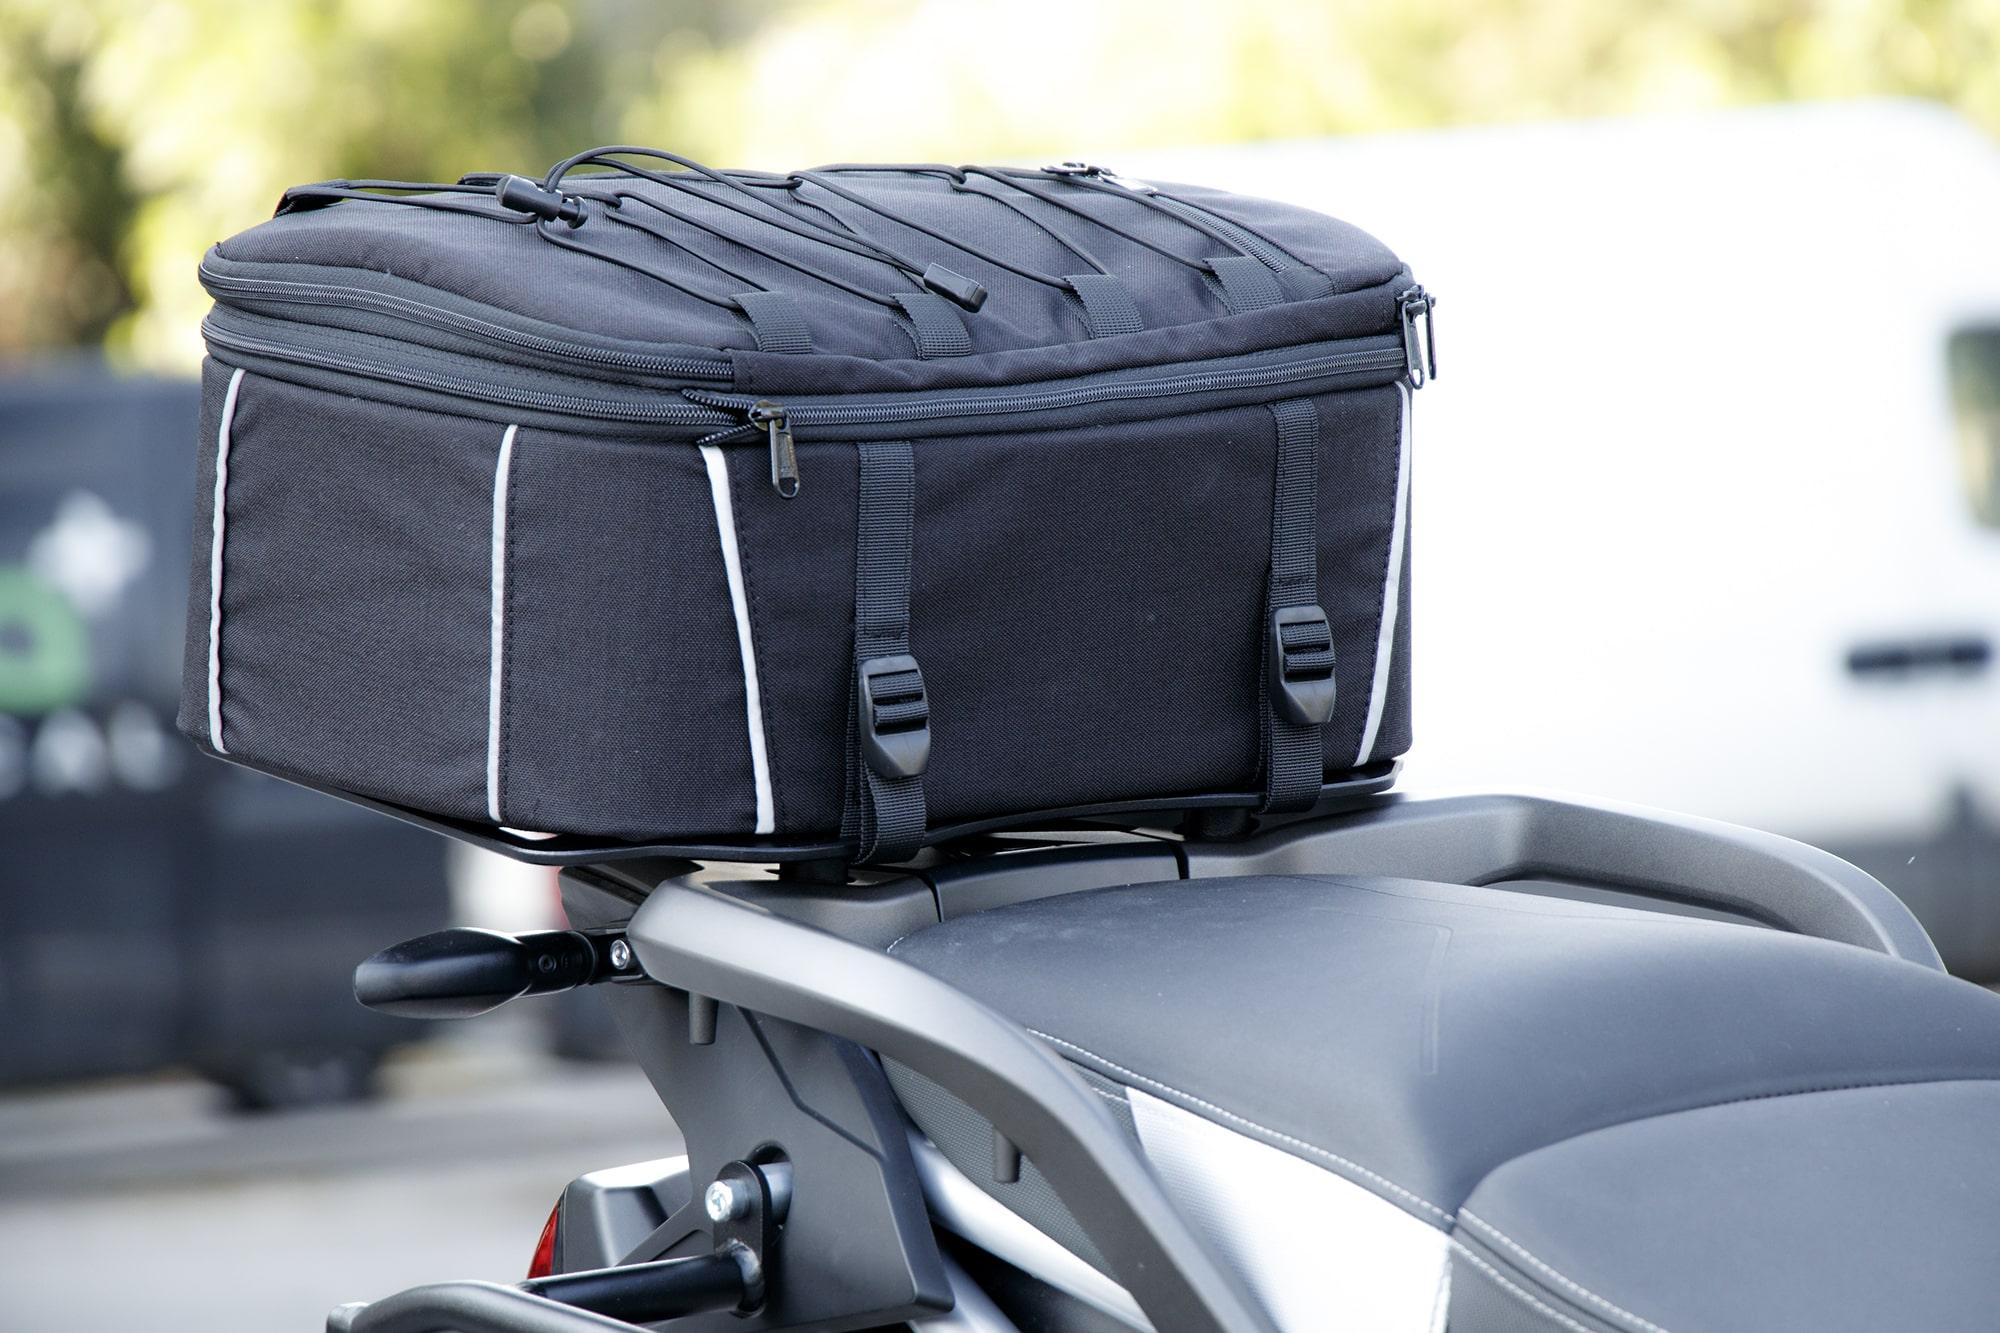 Soft Luggage rear racks